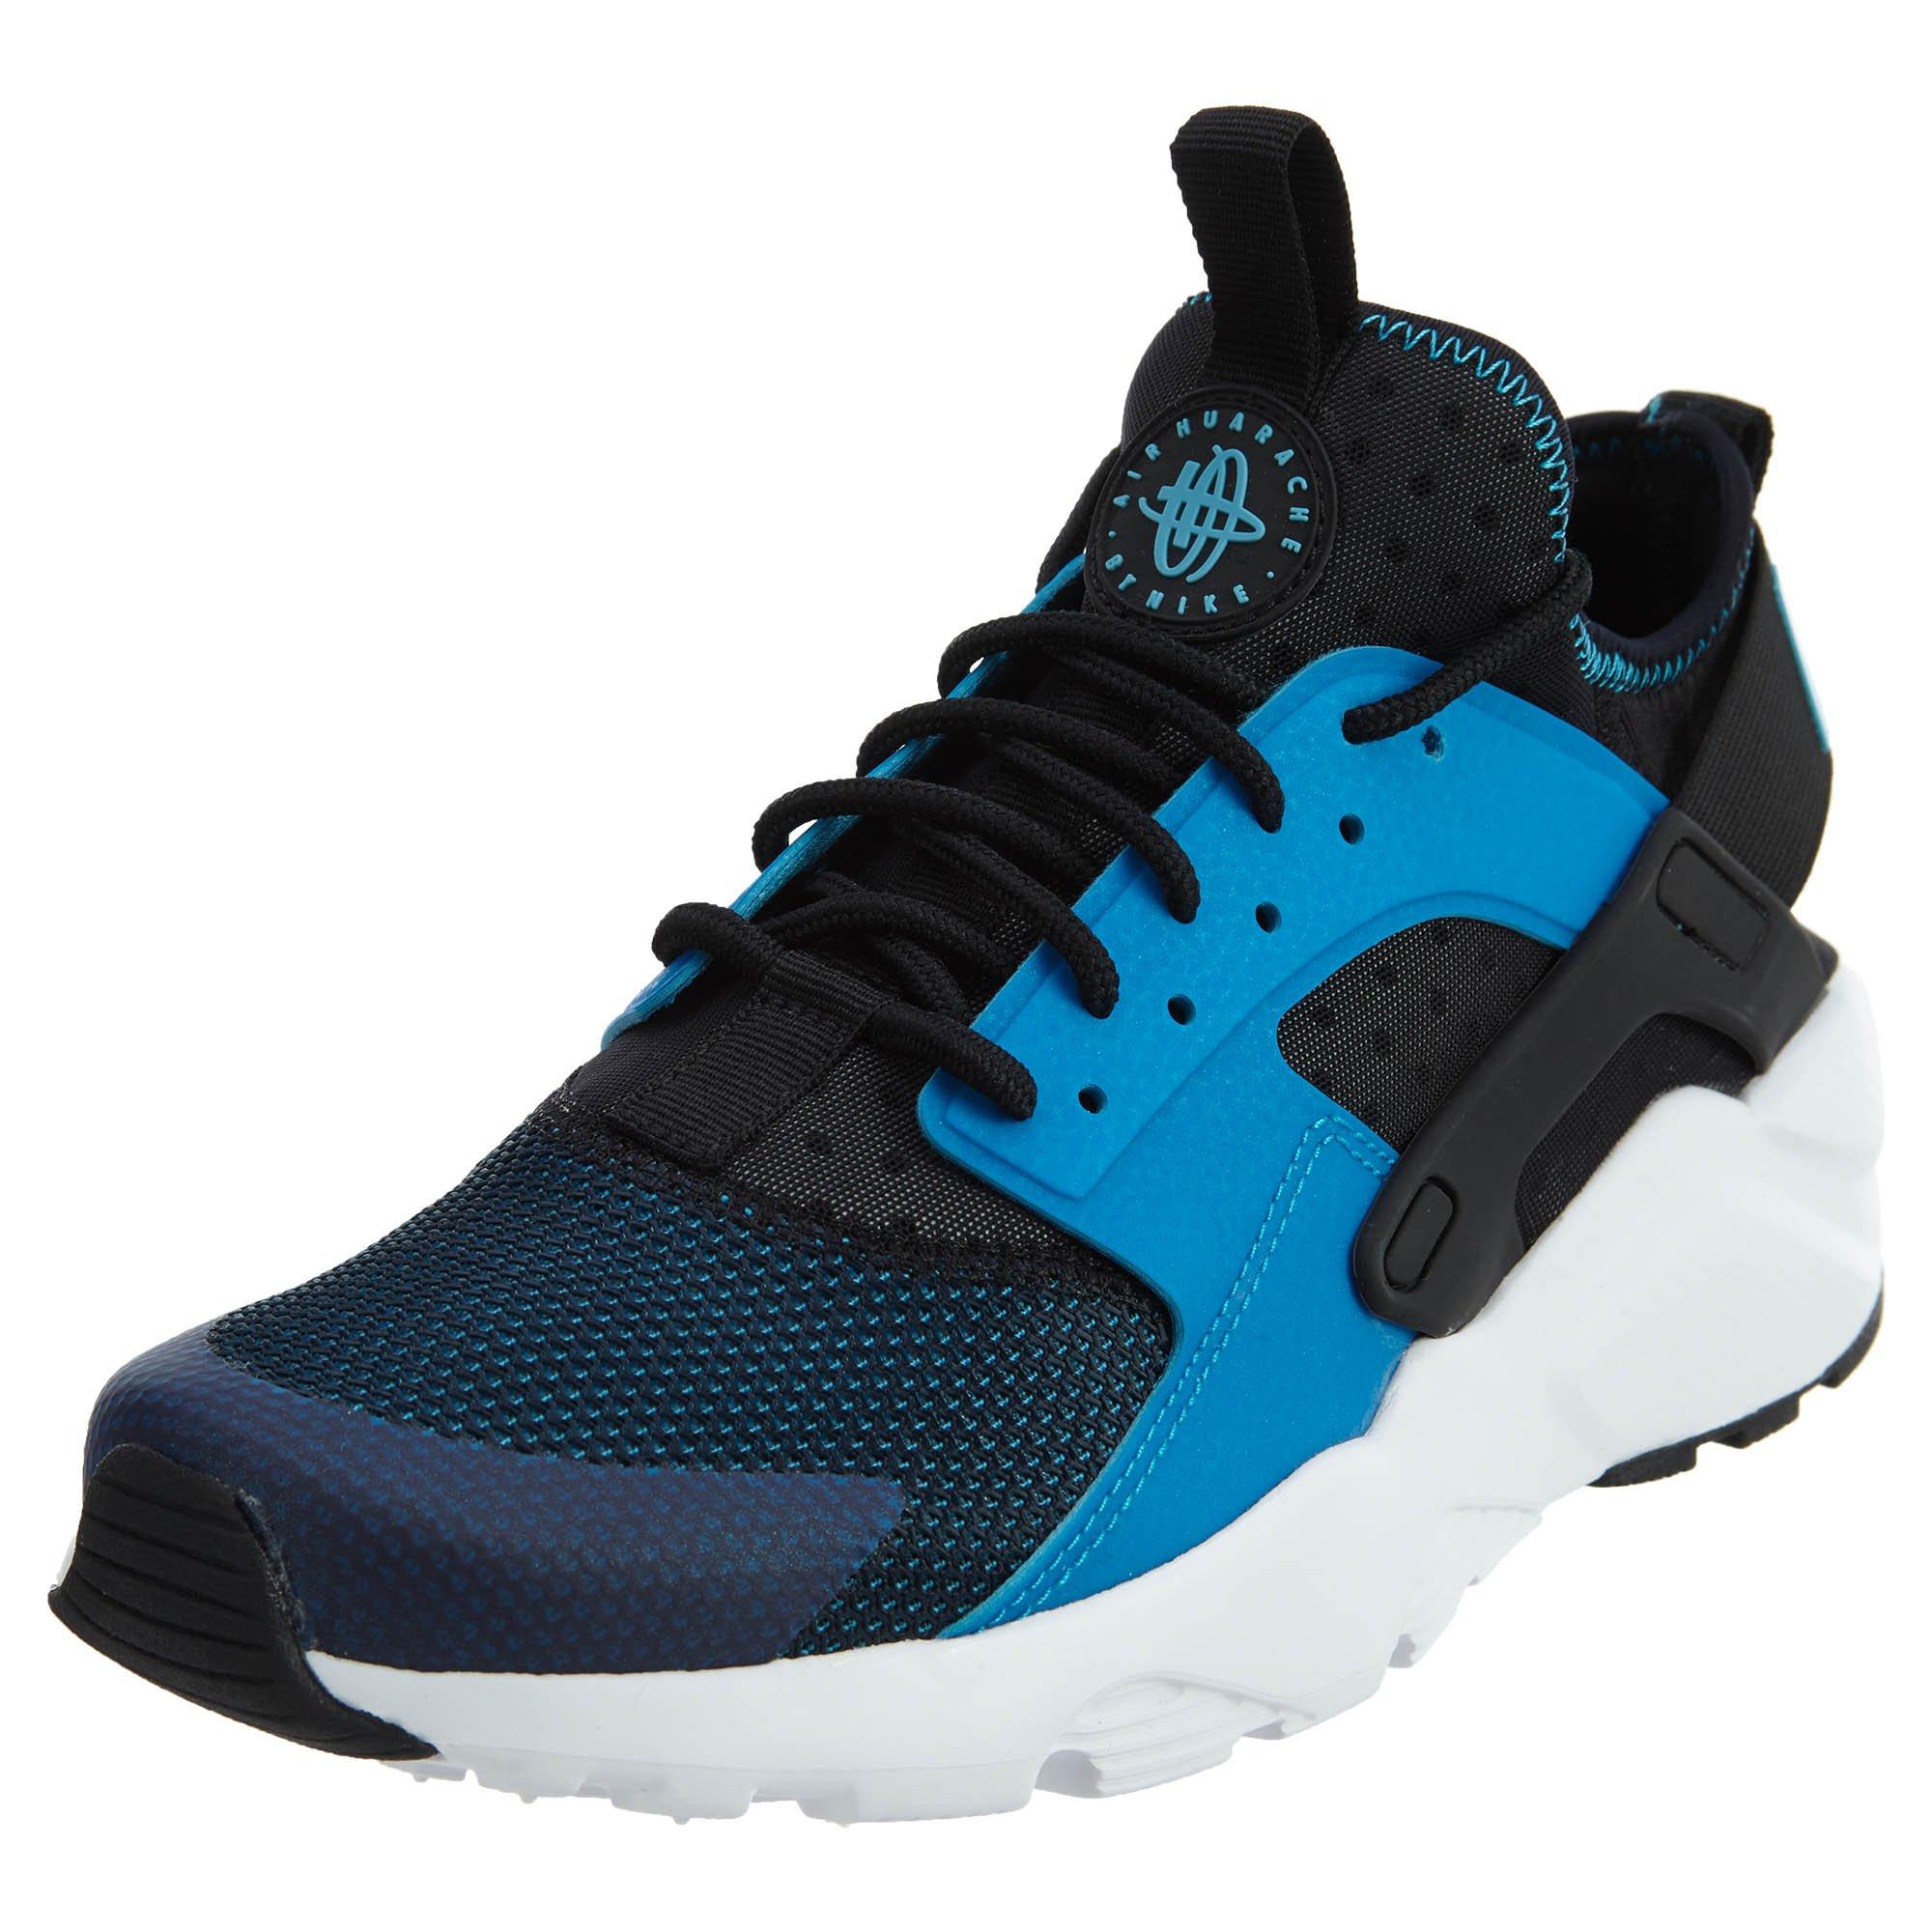 Nike Air Huarache Run Ultra-819685-401 size 12